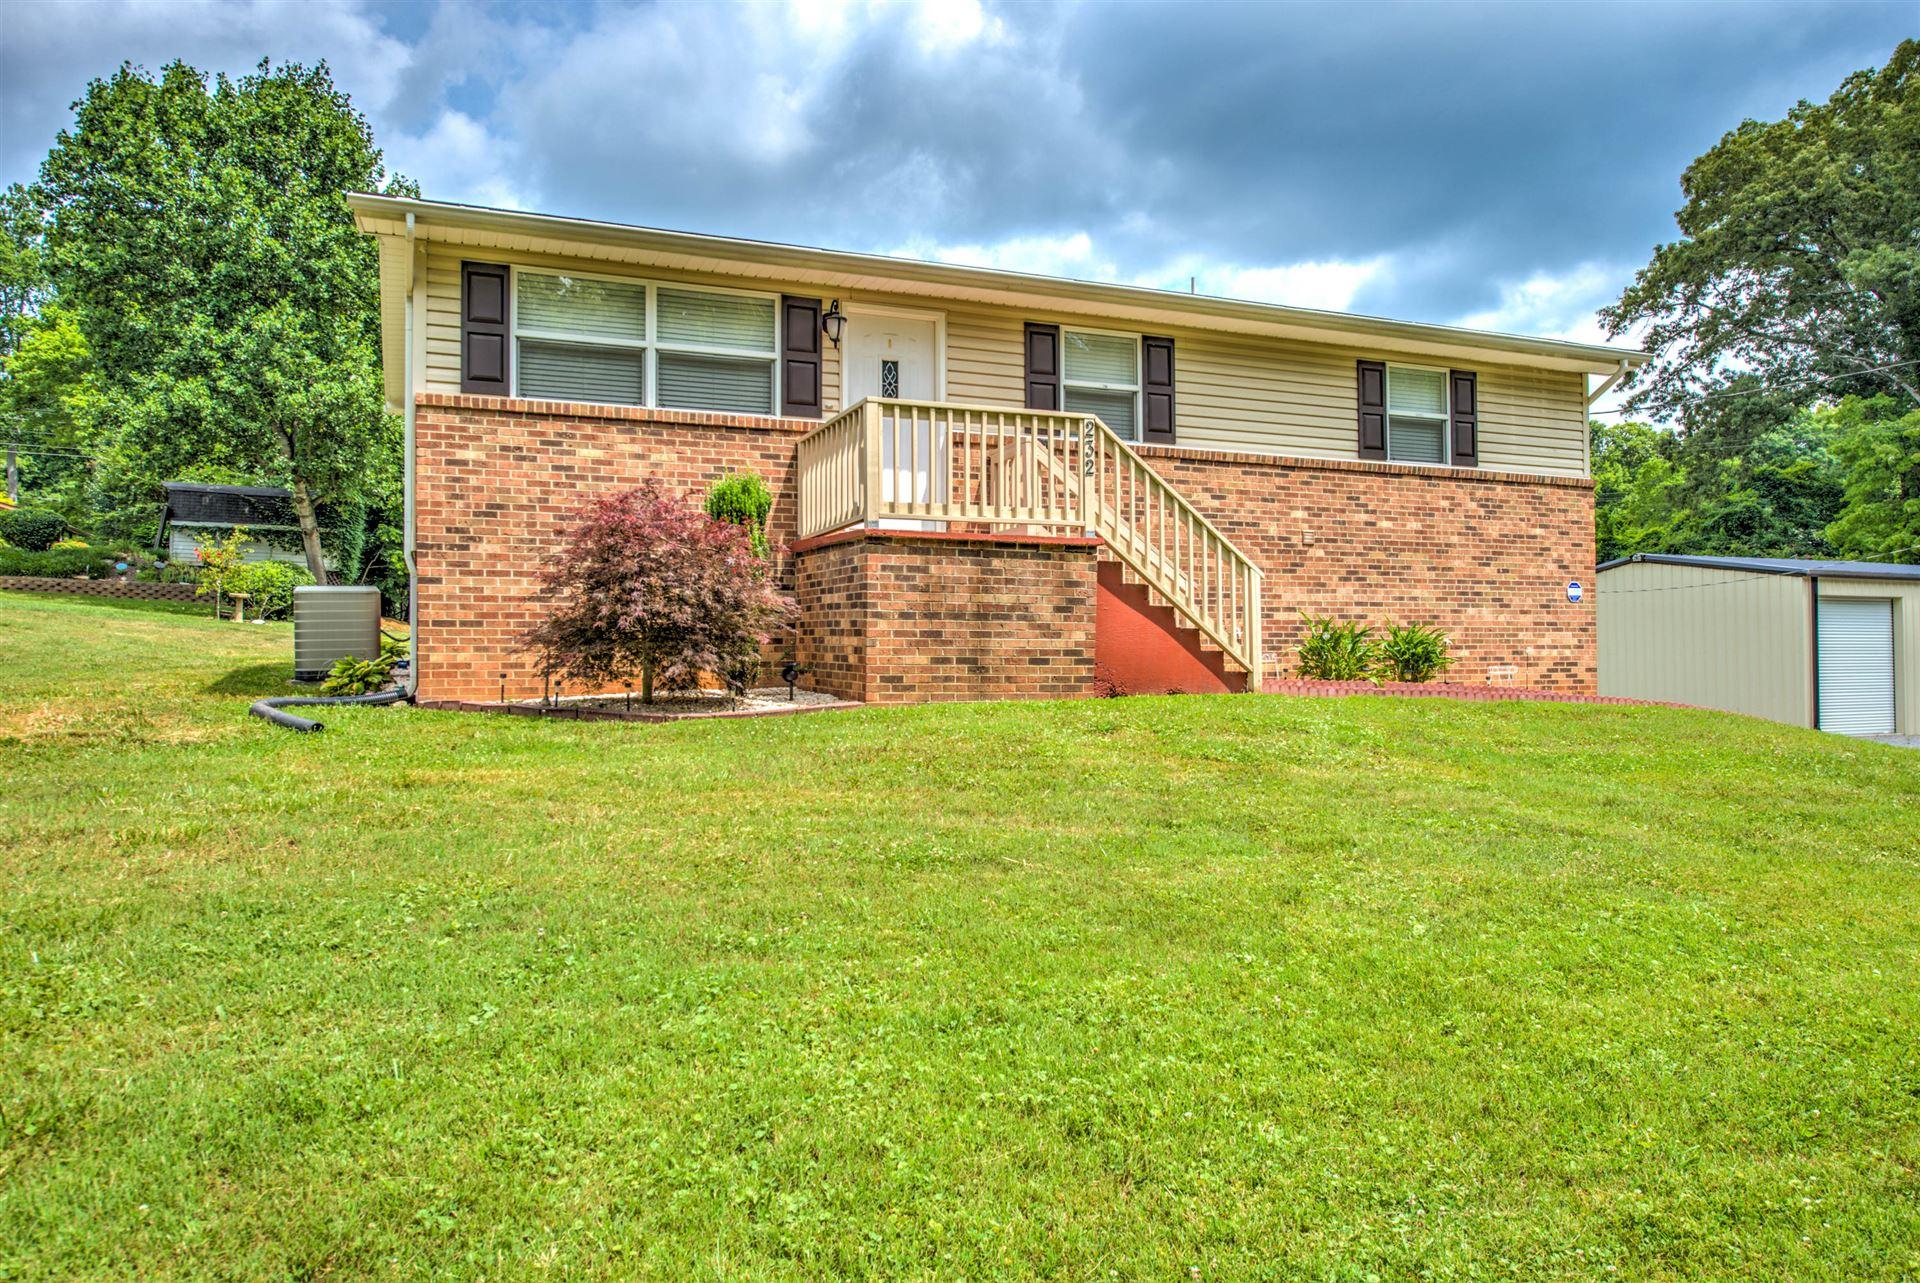 Photo of 232 Oak Rd, Powell, TN 37849 (MLS # 1156911)